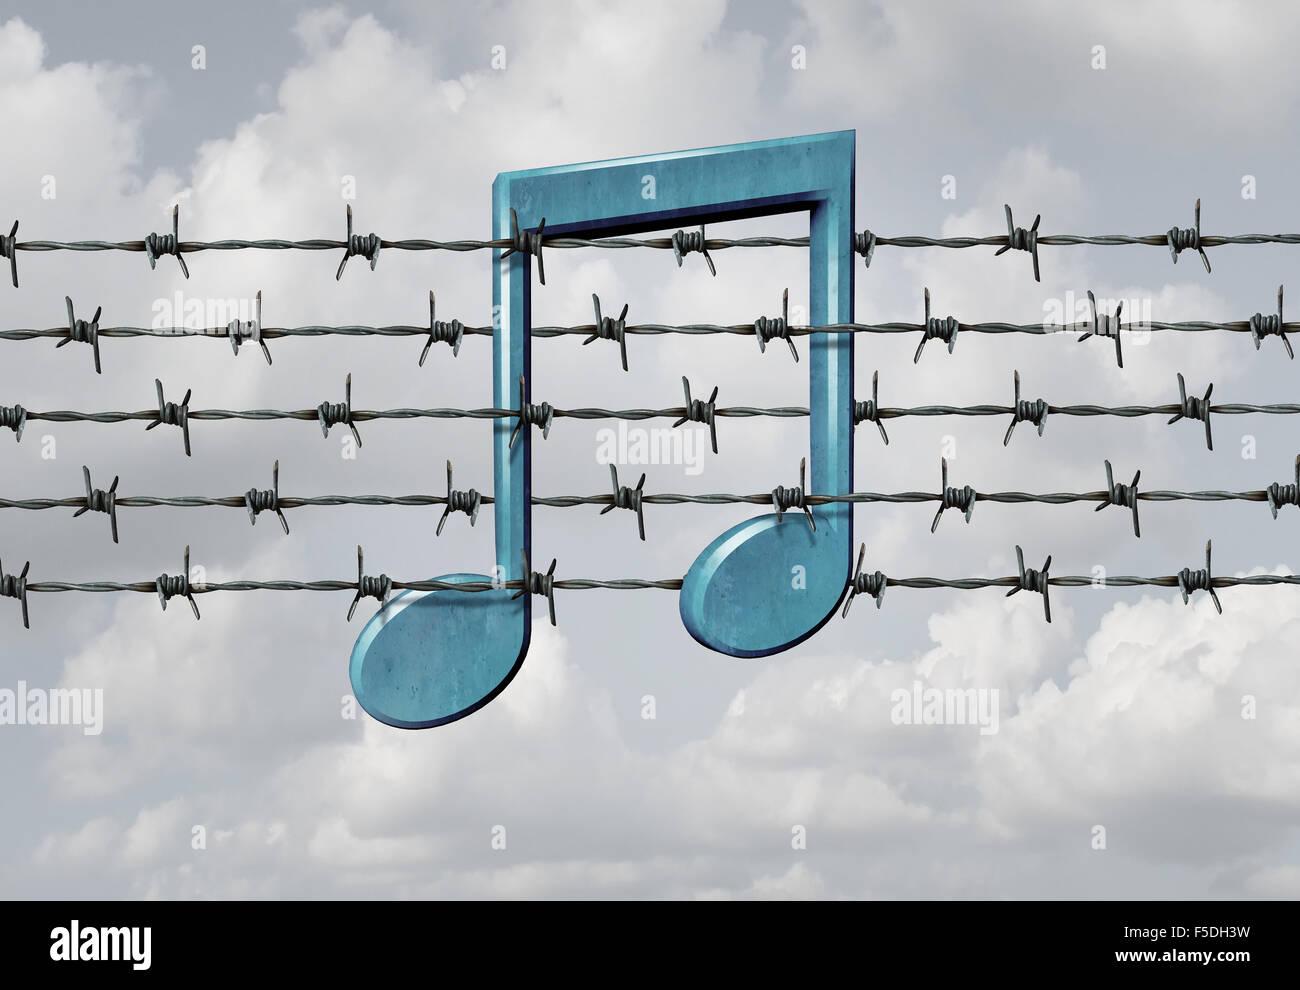 Concepto de la censura contra los medios de comunicación y restricción de la música como un símbolo Imagen De Stock